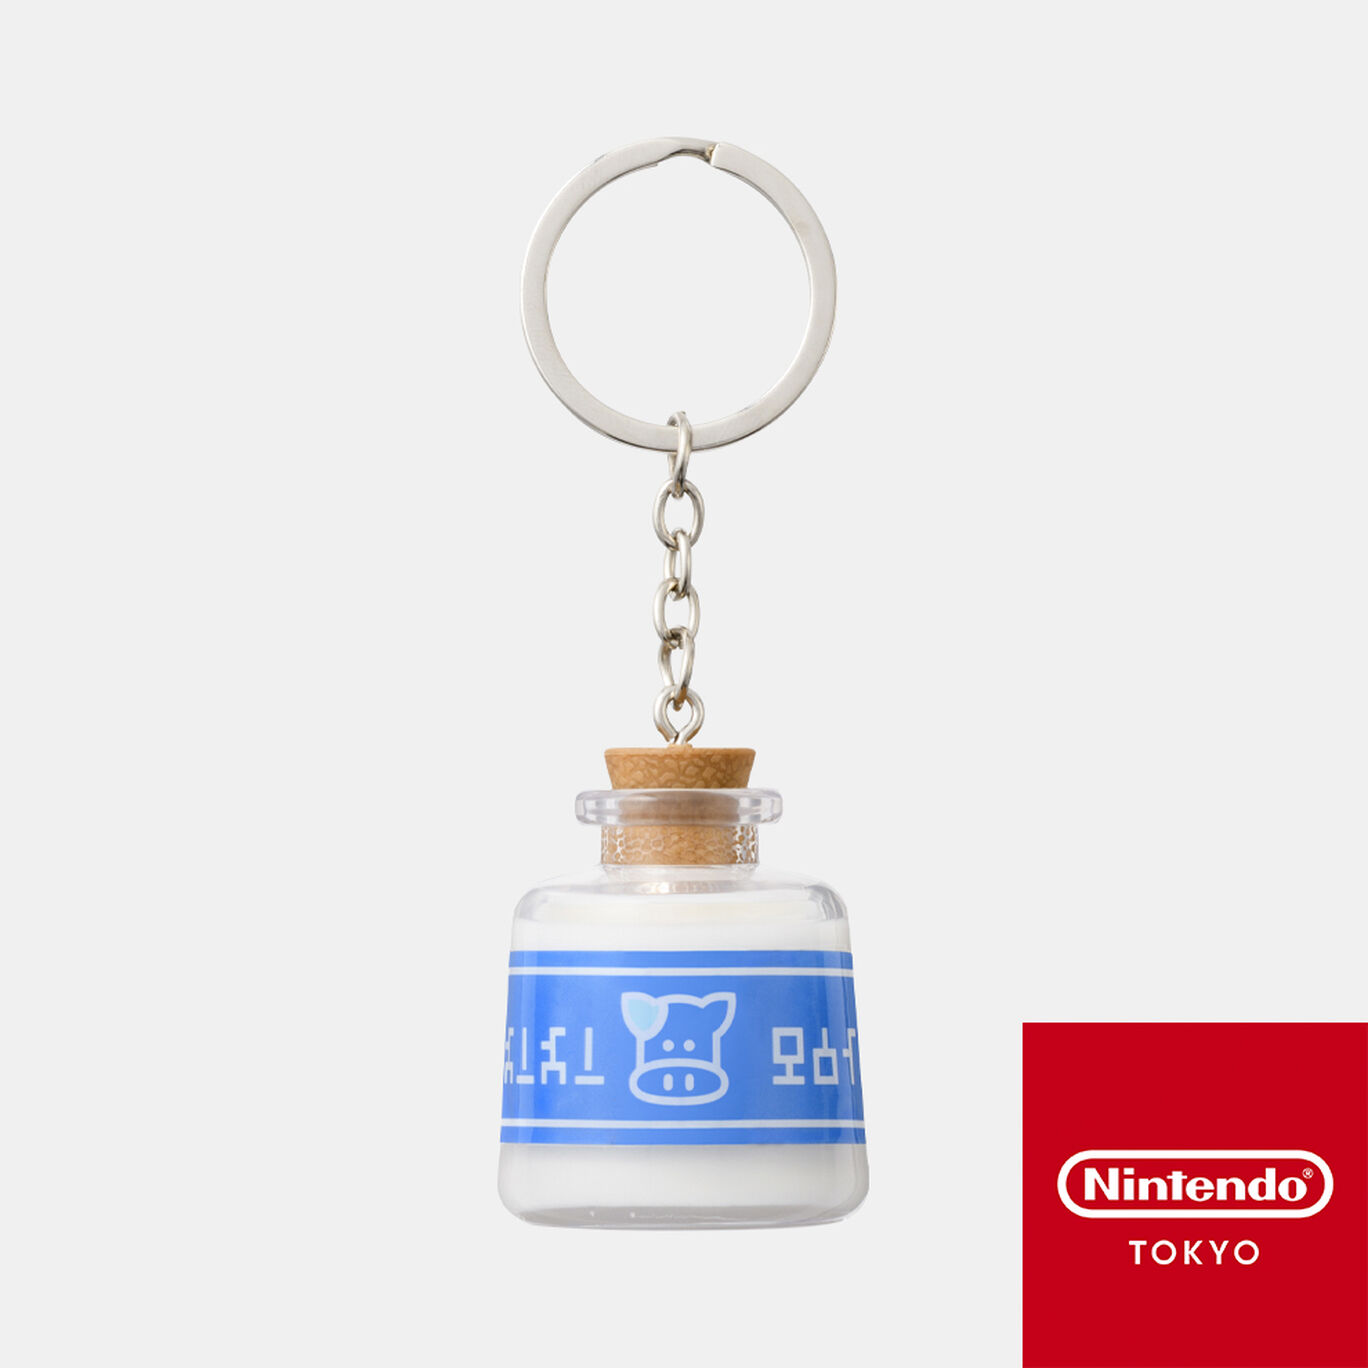 キーホルダー ロンロン牛乳 ゼルダの伝説【Nintendo TOKYO取り扱い商品】